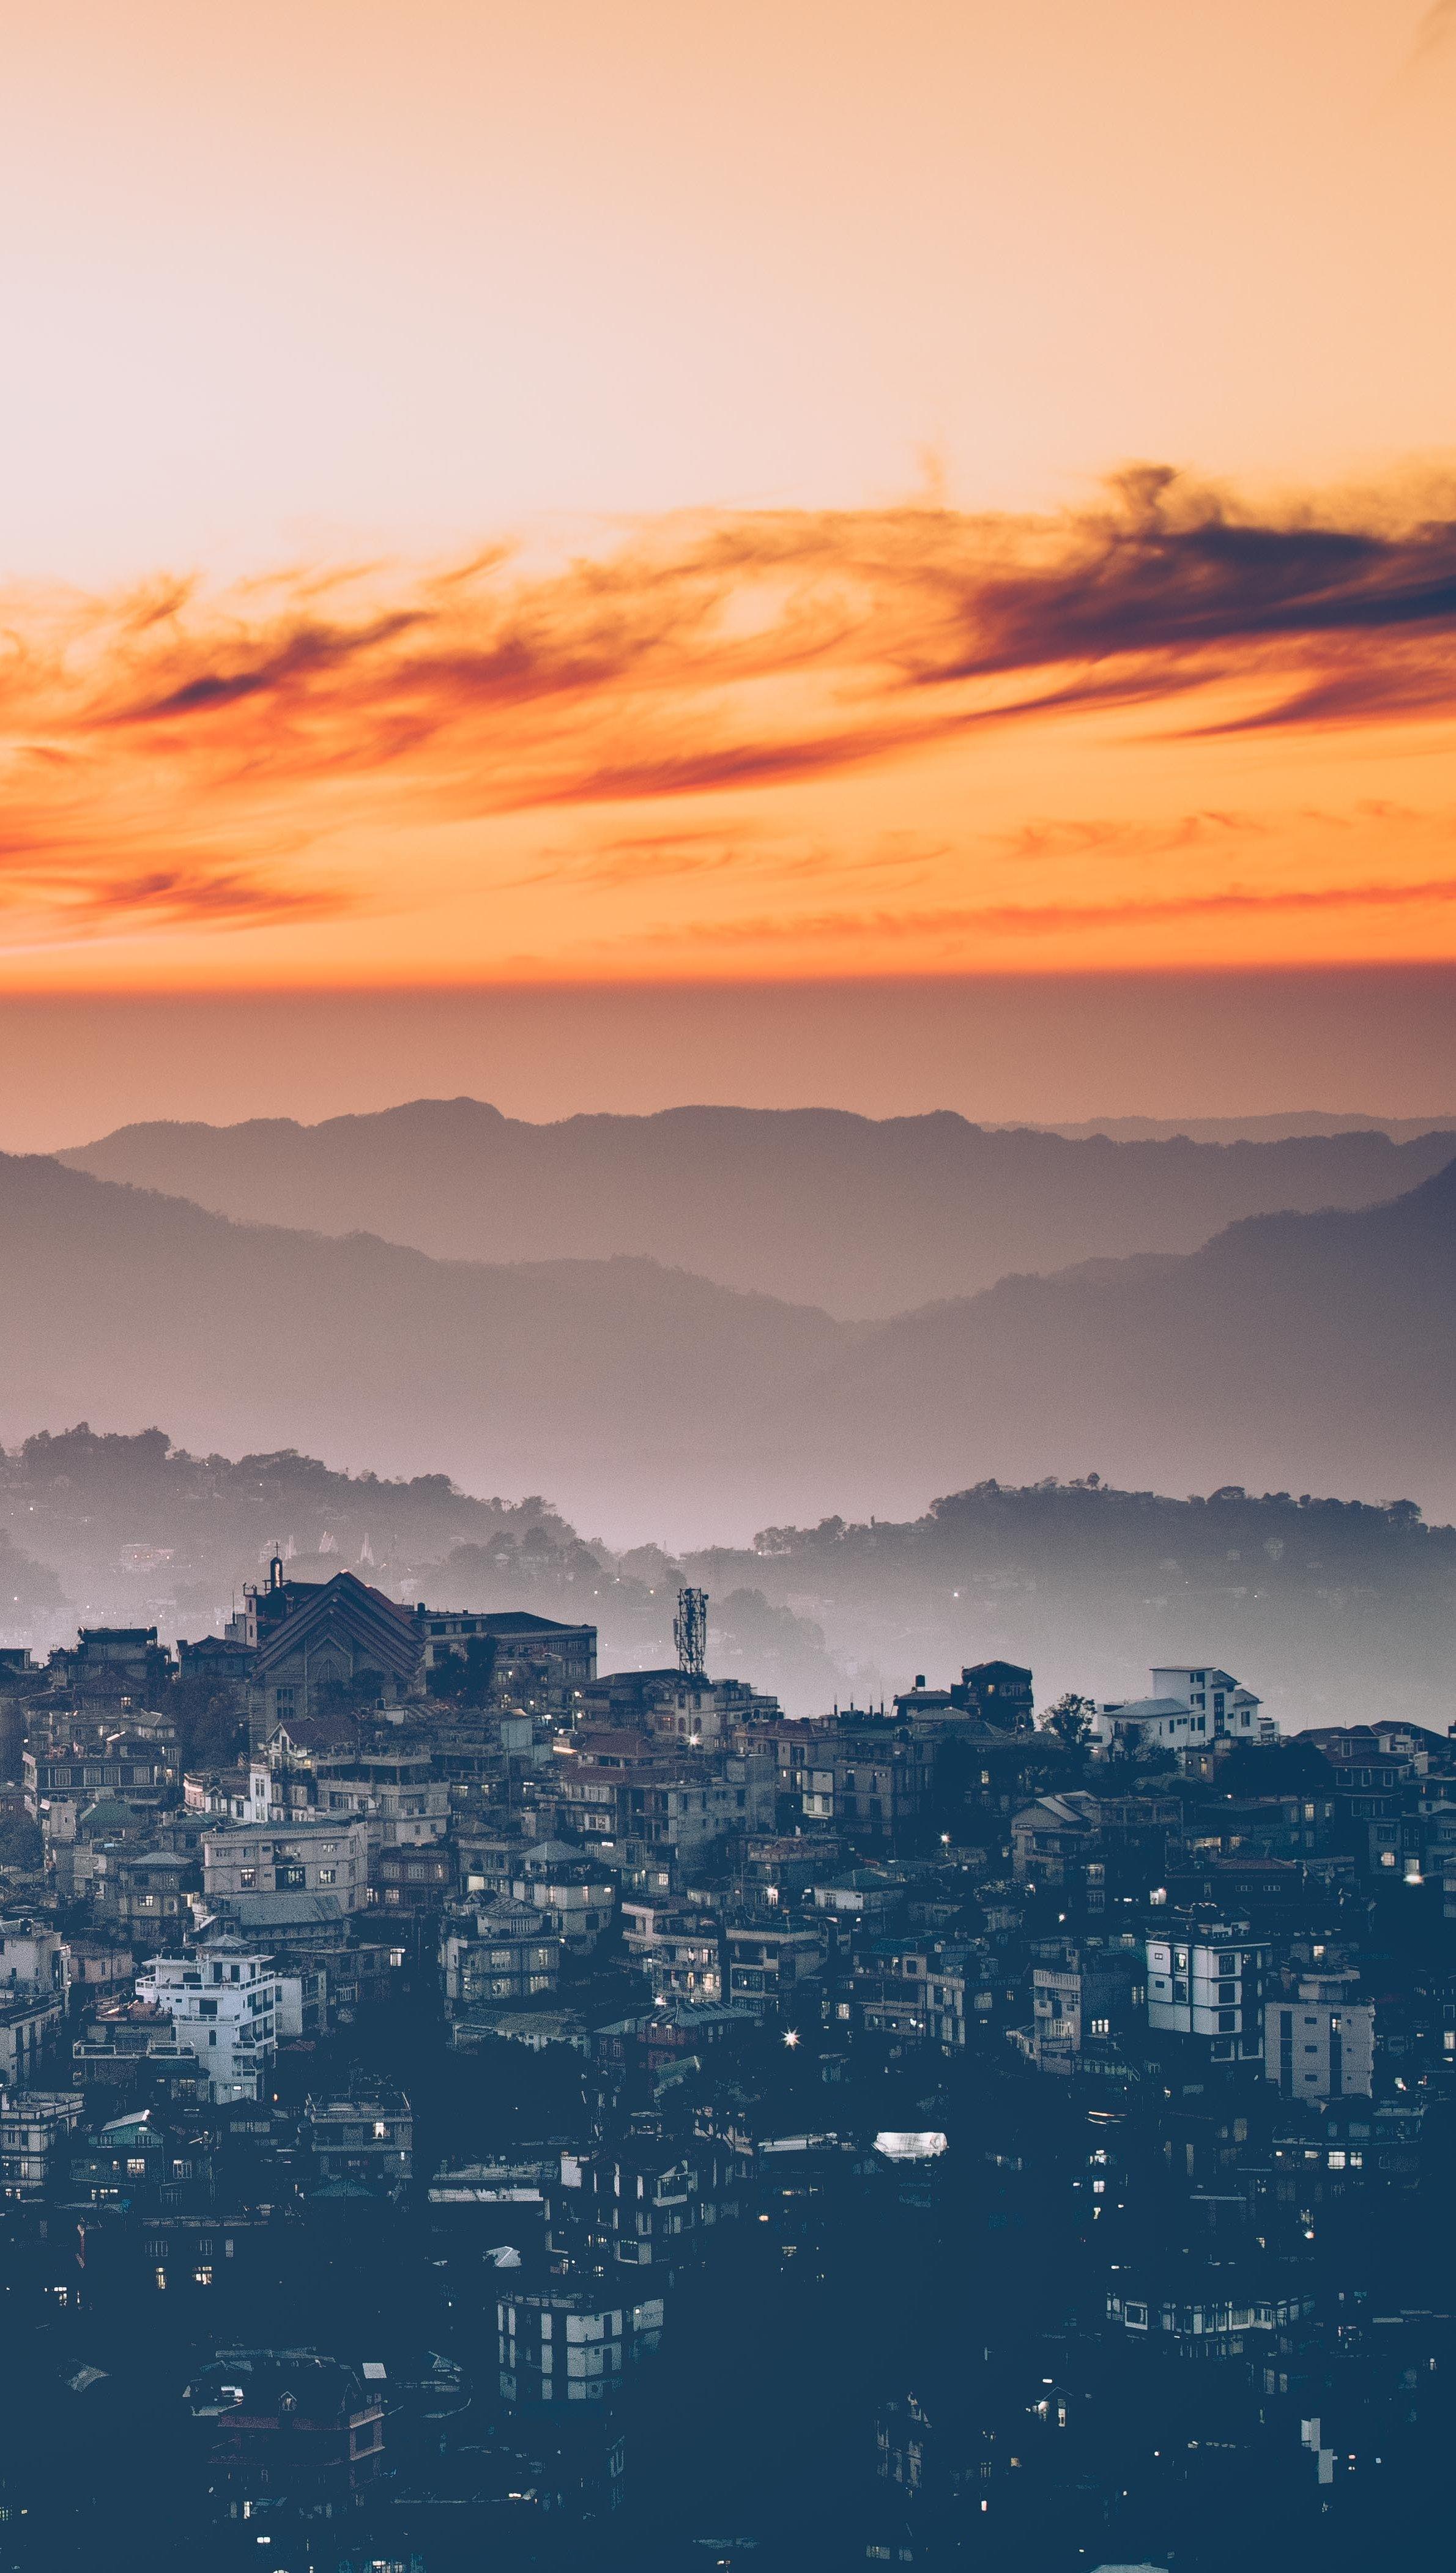 Fondos de pantalla Ciudad y montañas con Puesta de sol Vertical